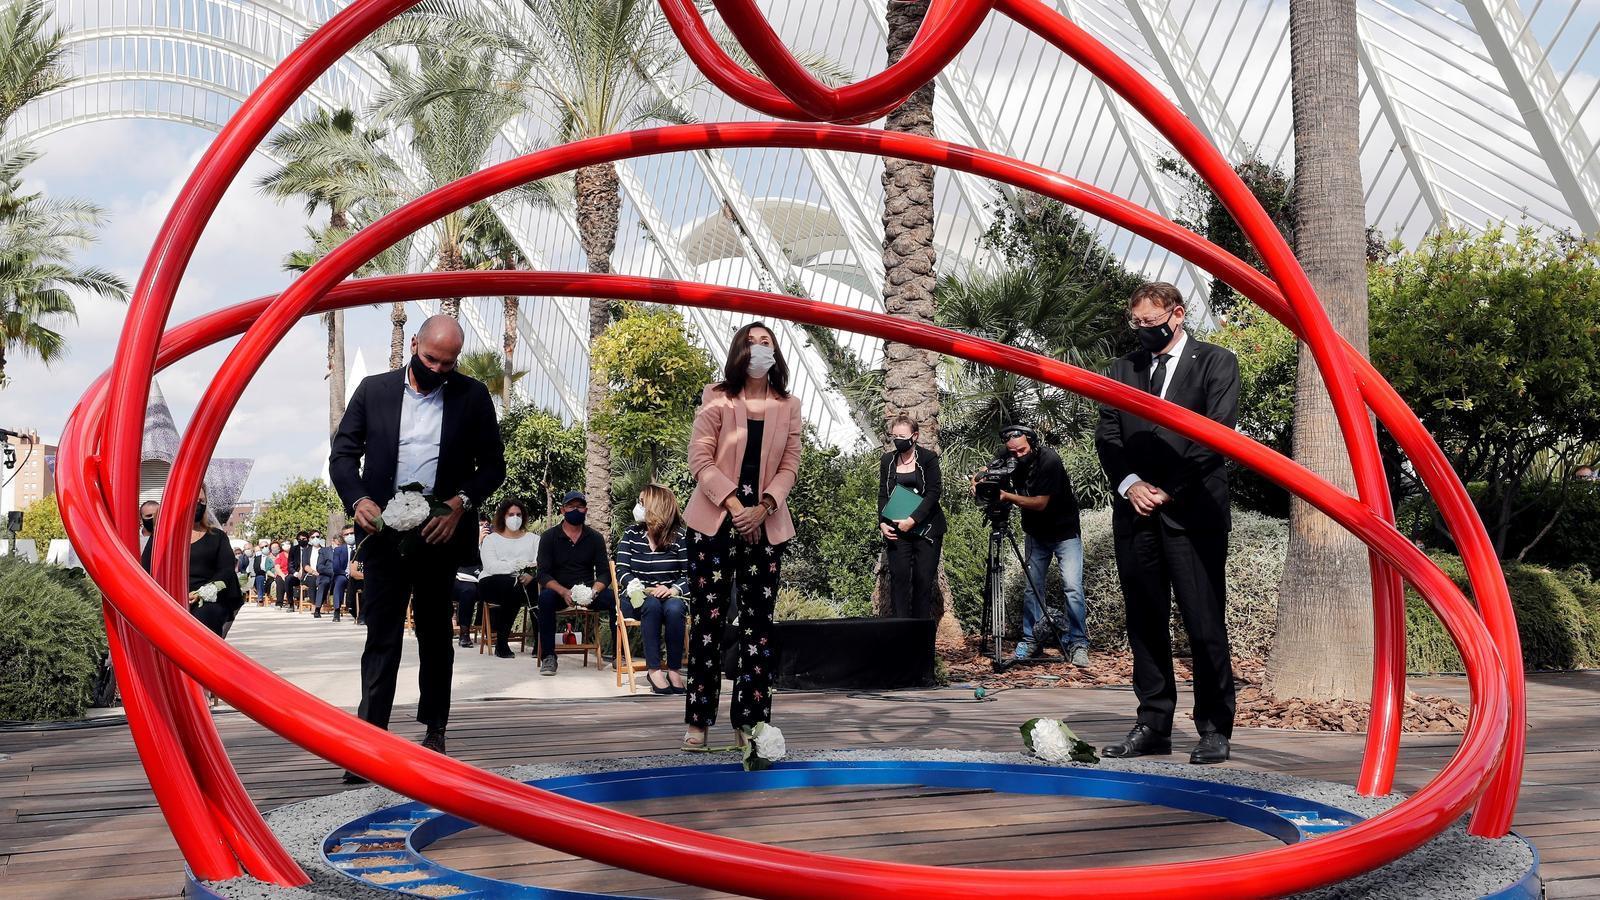 El cap del Consell, Ximo Puig, junt al periodista Lluís Motes i la cap de la Unitat de Malalties Infeccioses de l'Hospital General d'Alacant, Esperanza Merino, durant la inauguració de l'escultura 'En rècord' de l'artista alcoiana Rosana Antolí